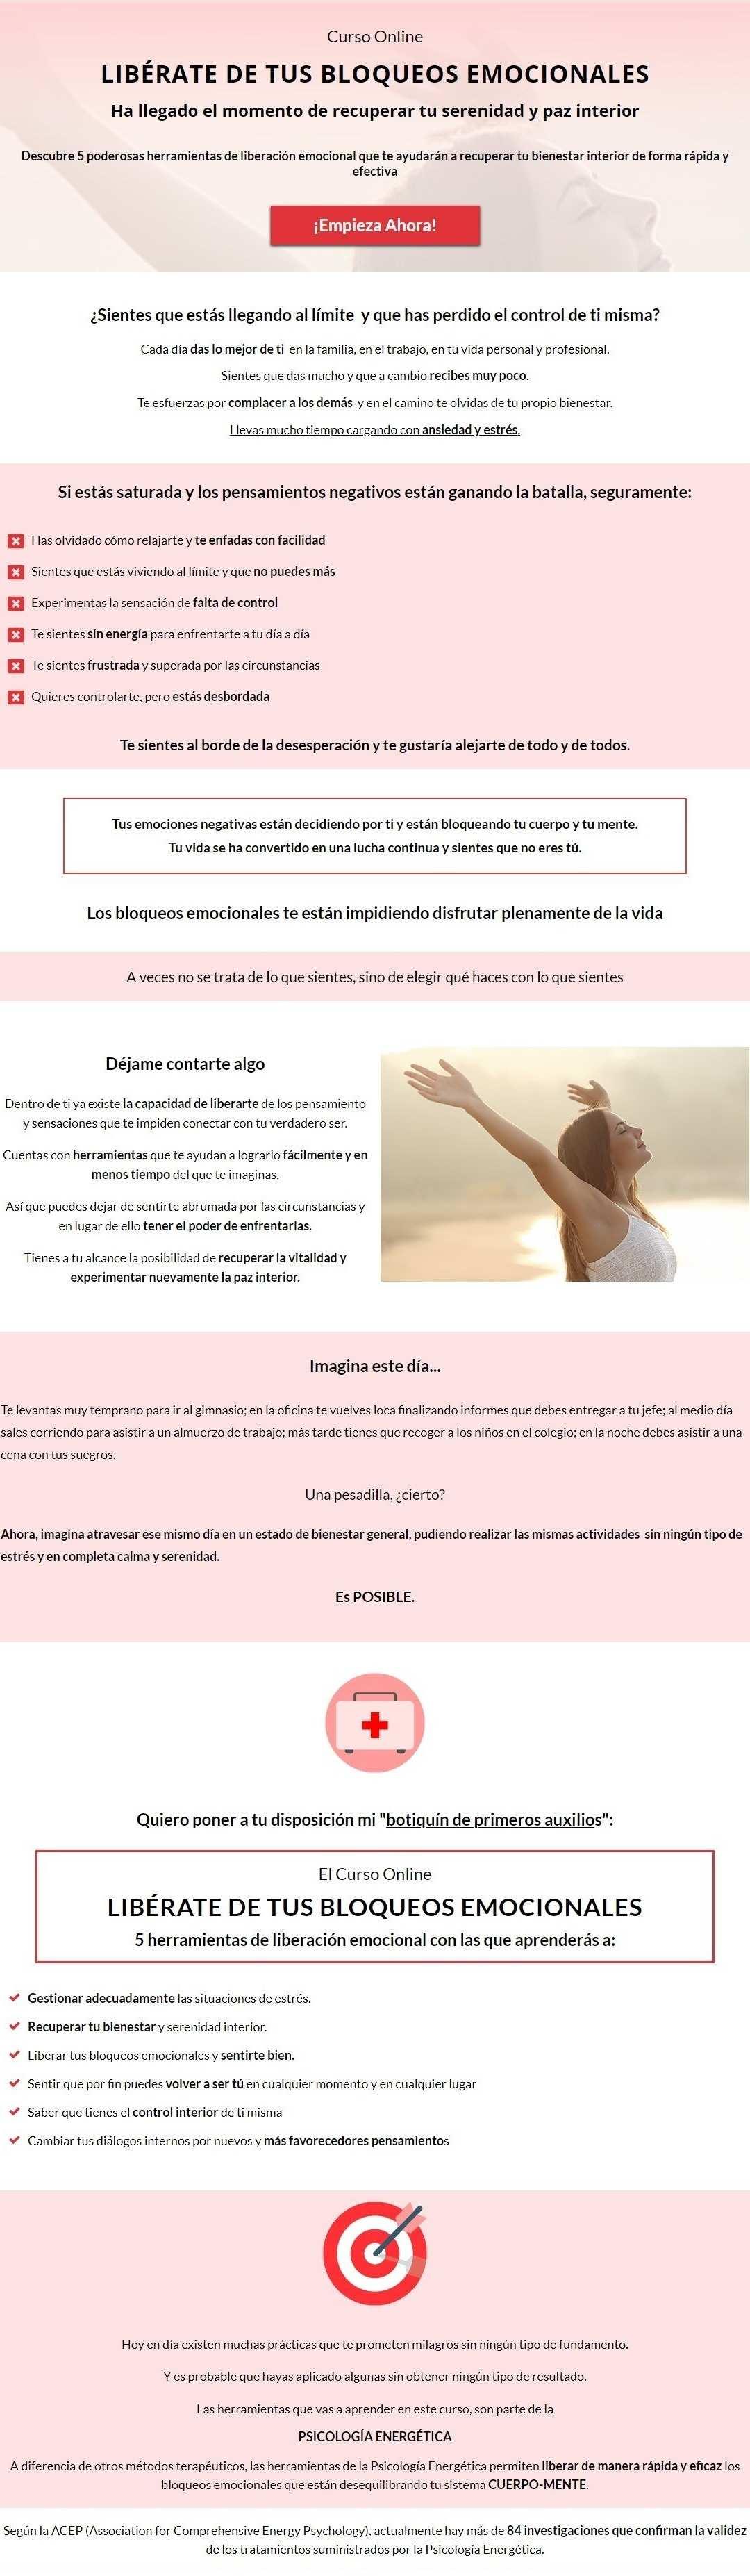 """Descubre 5 poderosas herramientas de liberación emocional que te ayudarán a recuperar tu bienestar interior de forma rápida y efectiva Este curso consiste en 5 herramientas rápidas para liberar (al momento) los bloqueos emocionales (ansiedad, estrés, angustia...). Lo llamo """"mi botiquín de primeros auxilios"""" ya que enseño poderosas herramientas de liberación emocional. Las creencias limitantes están activas en tu subconsciente y definen tu realidad. Aprende el método más completo para cambiar creencias subconscientes. Descubre el método que incorpora el 100% del cerebro en un mismo proceso de cambio. Descubre lo que te está bloqueando y aprende cómo cambiarlo. Domina tu mente: Cómo descubrir las creencias limitantes subconscientes. cambiar tus creencias subconscientes. Cambia tu mente. Transforma tu vida. .Tanto si crees que puedes como si crees que no puedes, estás en lo cierto."""" Henry Ford. ¿Sabías que las creencias limitantes están activas en tu subconsciente y definen tu realidad? Tu mente consciente es la que elige una meta, un objetivo. Pero NO es la que te va a llevar hasta ahí. Para poder alcanzar lo que deseas, necesitas que tu mente subconsciente esté de acuerdo también. Es la mente subconsciente, y nada más, la que te hará conseguir eso que tanto deseas. Si sientes que no estás viviendo la vida que deseas y no sabes por qué, la razón reside en que te estás dejando dominar por tus creencias limitantes. Tus creencias limitantes te están impidiendo vivir la vida extraordinaria que mereces. Es el momento de liberarte. Tu mente subconsciente es magnética y atrae o repele todo aquello que crees, consciente o inconscientemente. Es el momento de liberarte de la programación que no te sirve y descubrir toda tu fuerza y tu poder. Epigenética, neurociencia, kinesiología, PNL, gimnasia cerebral, psicología energética. No lo digo yo, lo dicen todas ellas: la mente humana es programable. Creer y crear están a sólo una letra de distancia, y esto no es casualidad. LO QUE """